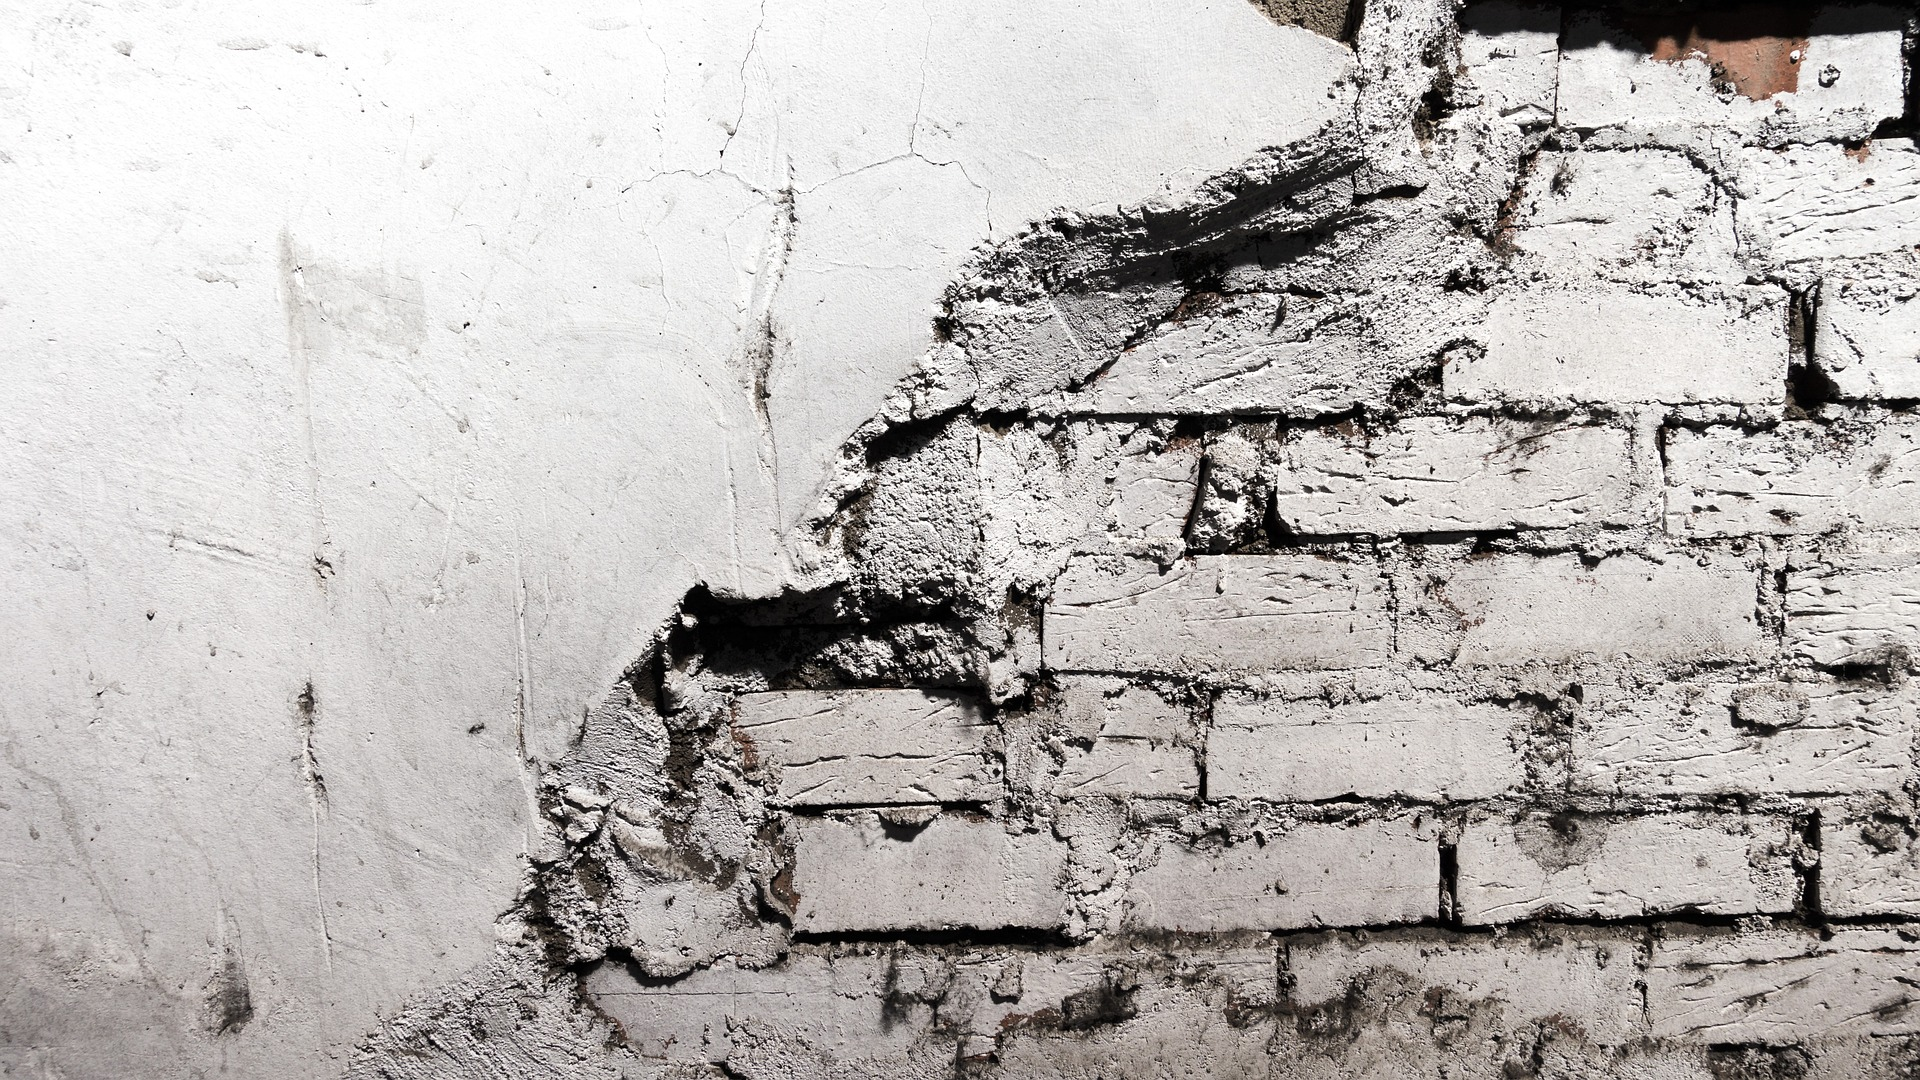 brick-wall-944271_1920